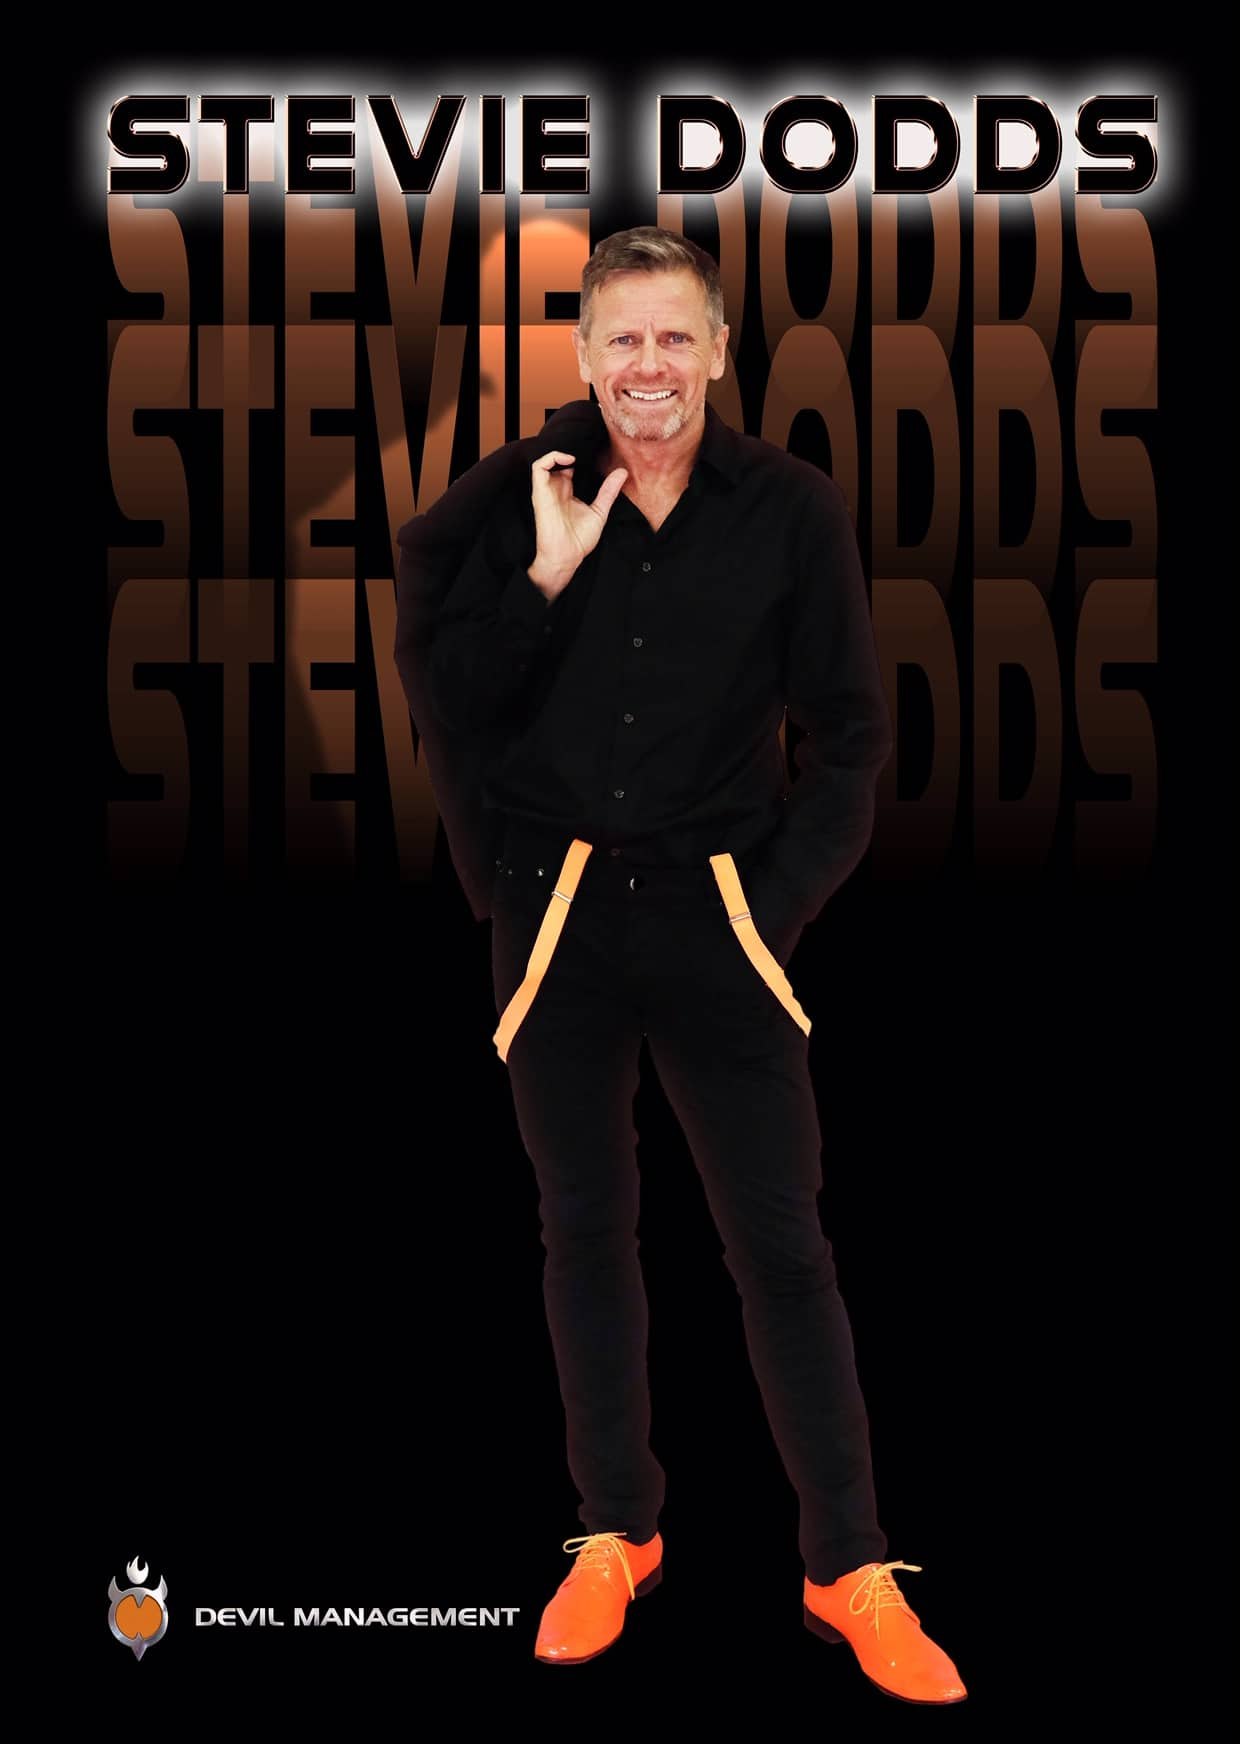 Stevie Dodds